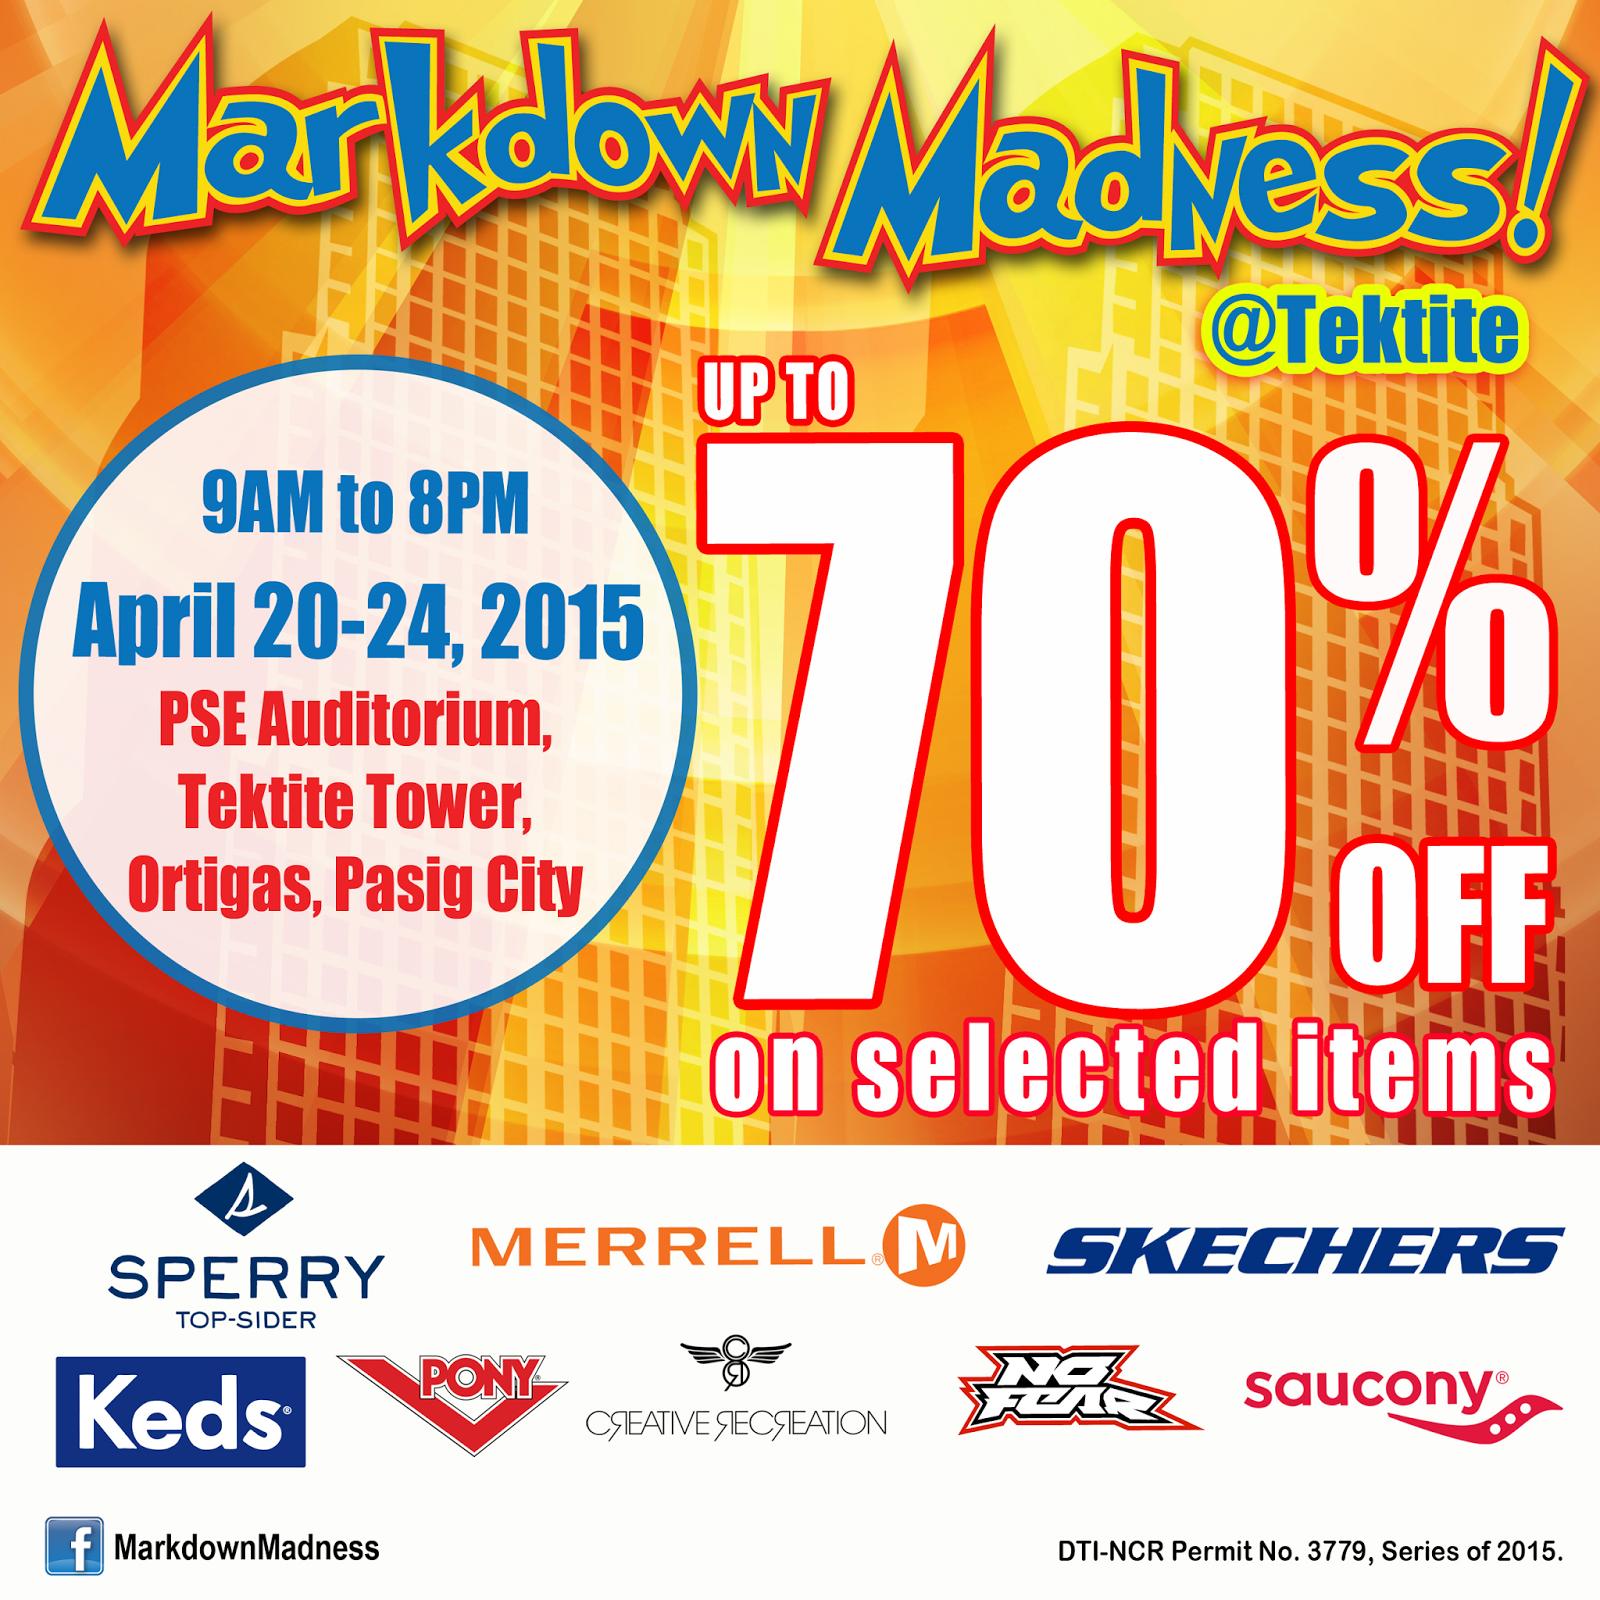 Enjoy up to 70% Discount at Markdown Madness at Tektite